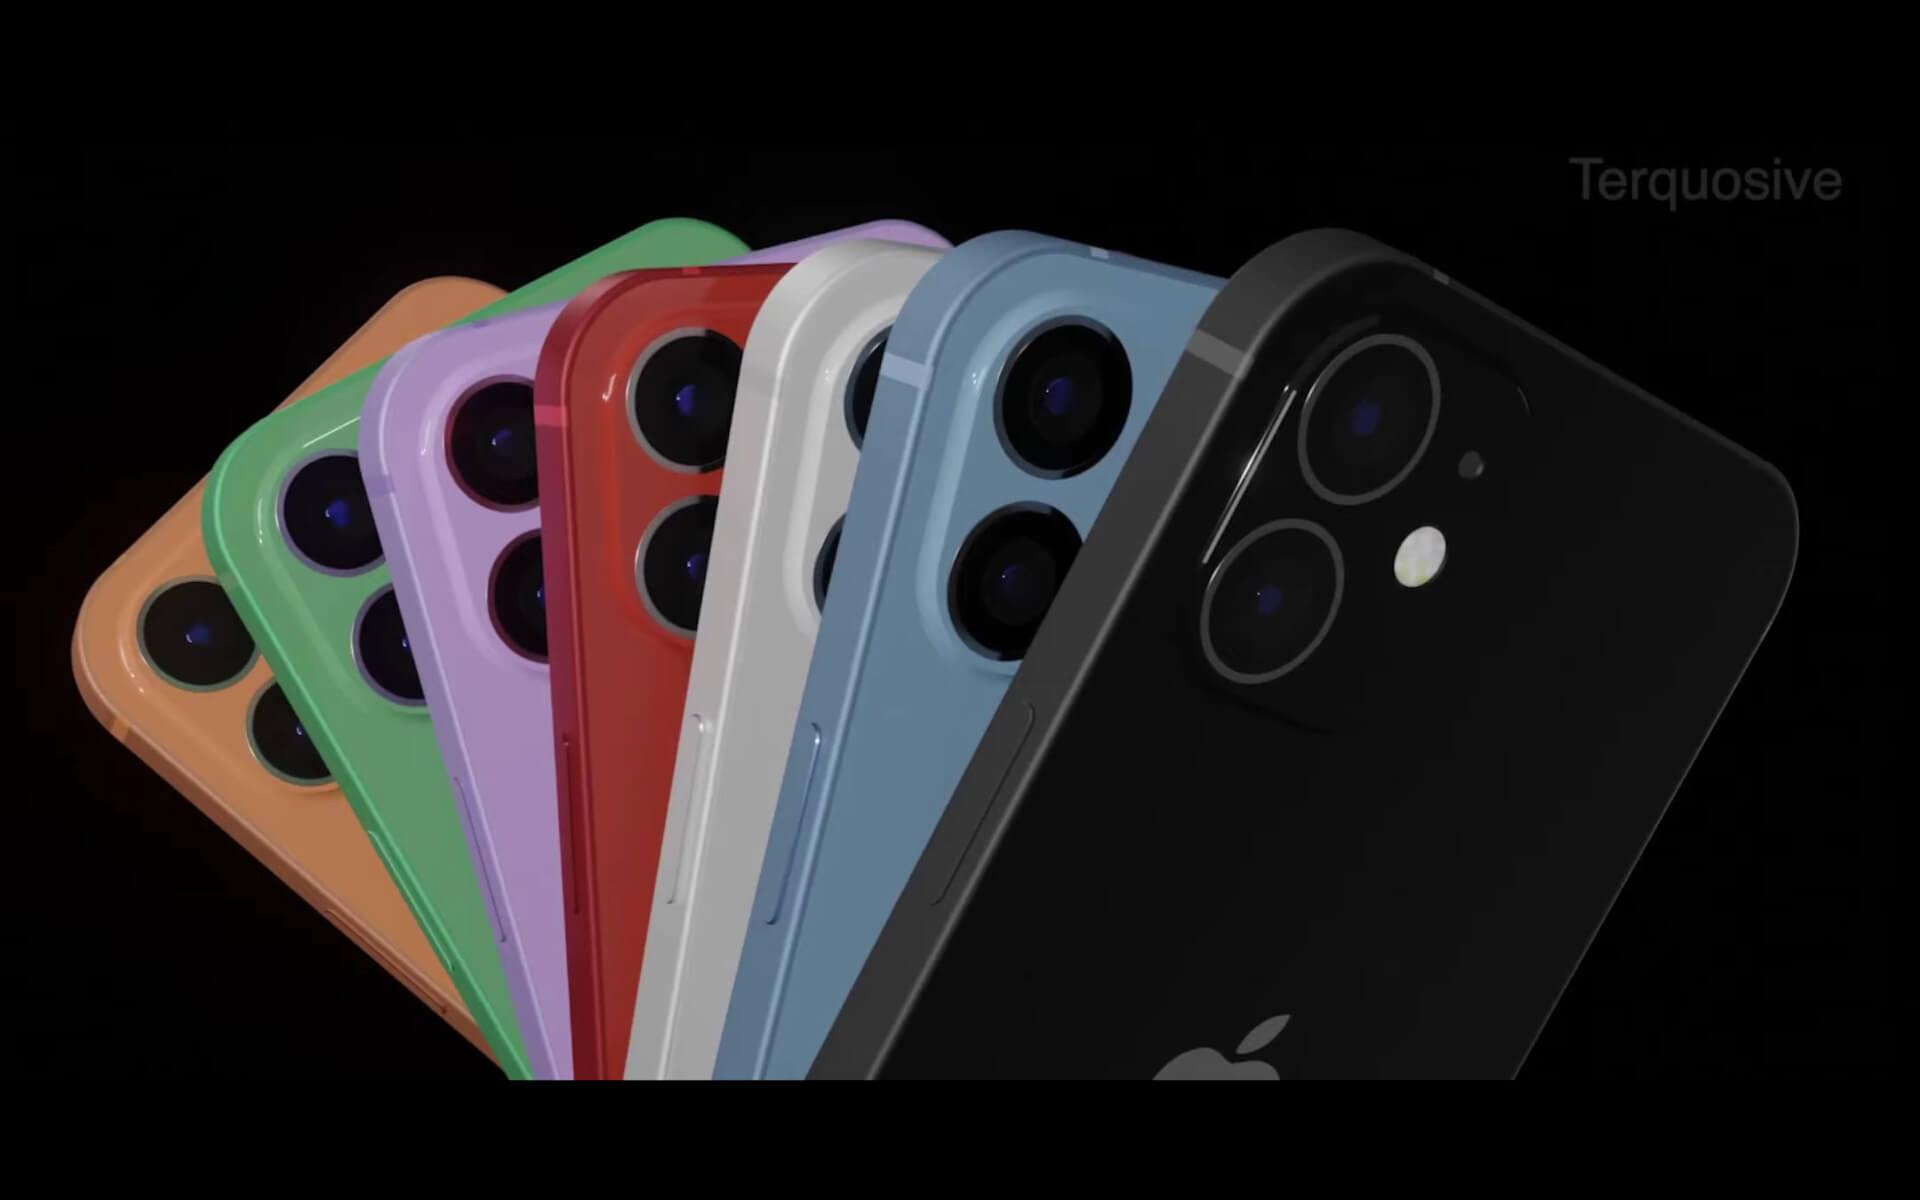 iPhone 12&12 Maxはこんな性能に?これまでの情報をまとめたコンセプト映像が公開 tech200713_iphone12_4